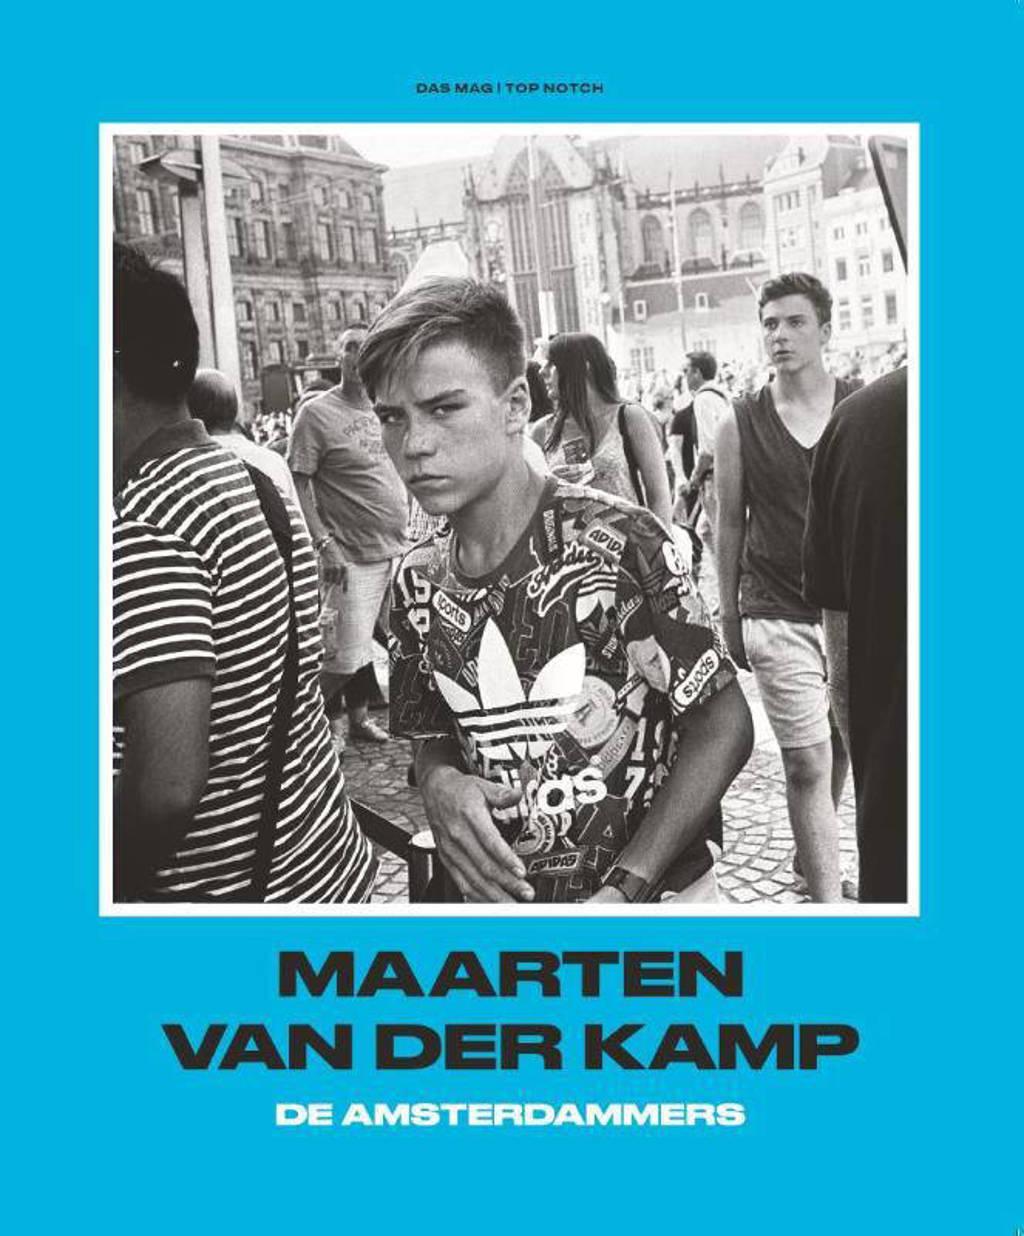 De Amsterdammers - Maarten van der Kamp